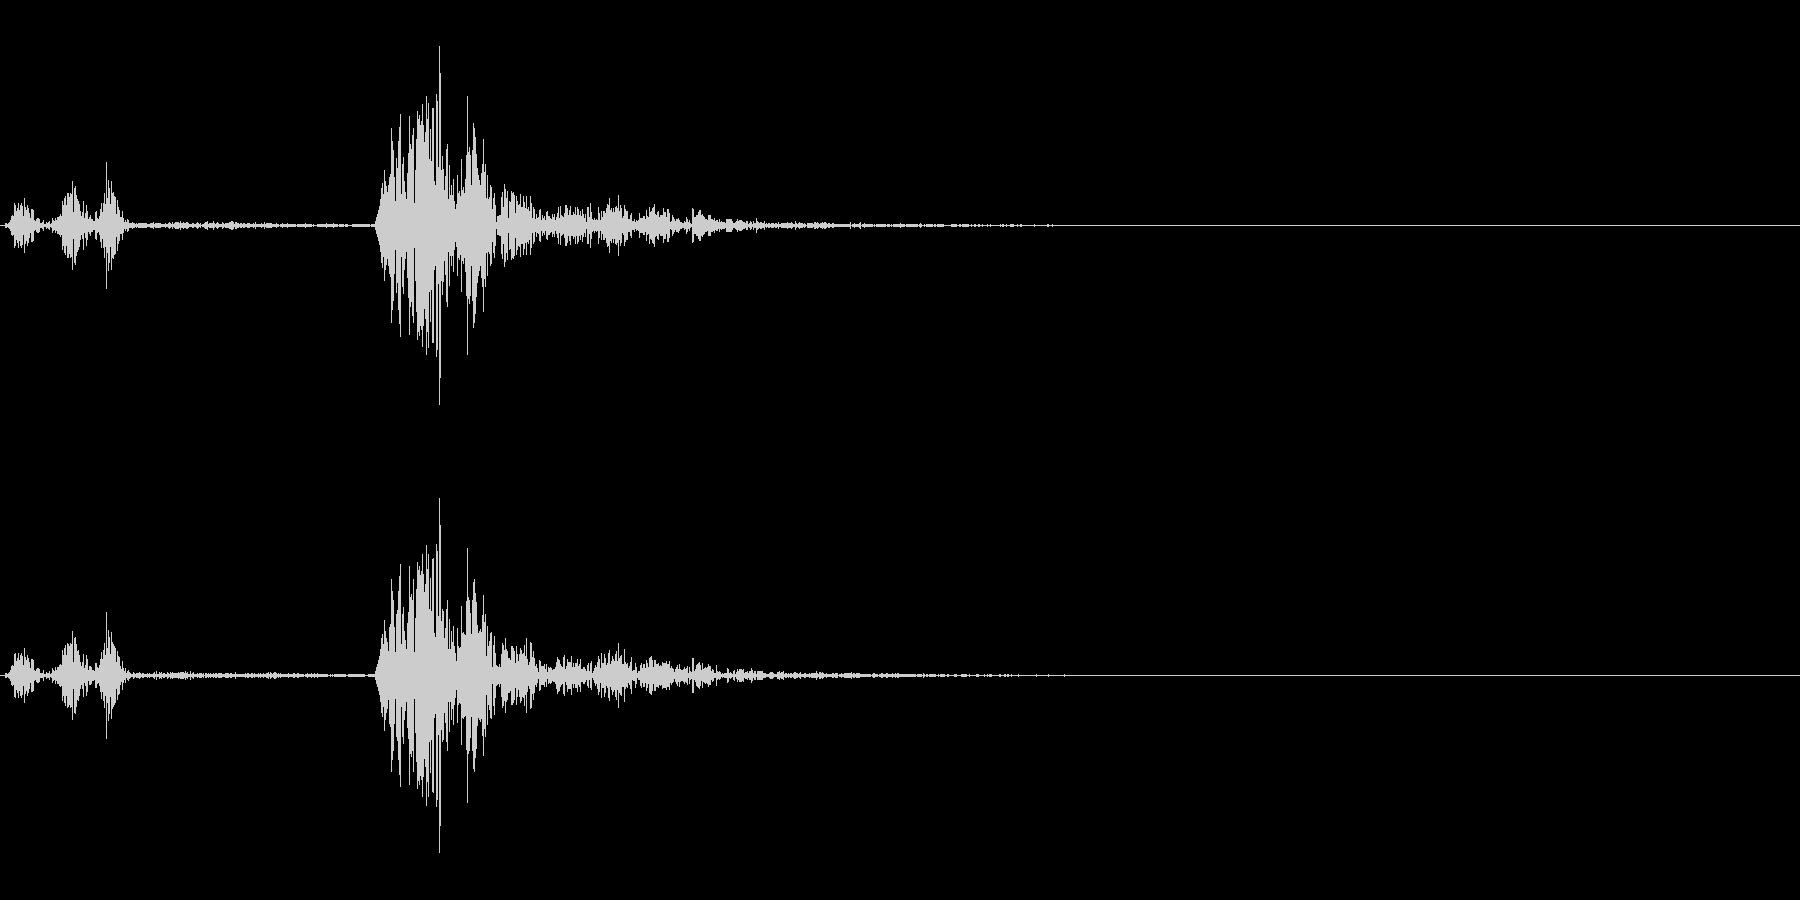 カチャ(スイッチ、ボタン、キャンセル)の未再生の波形